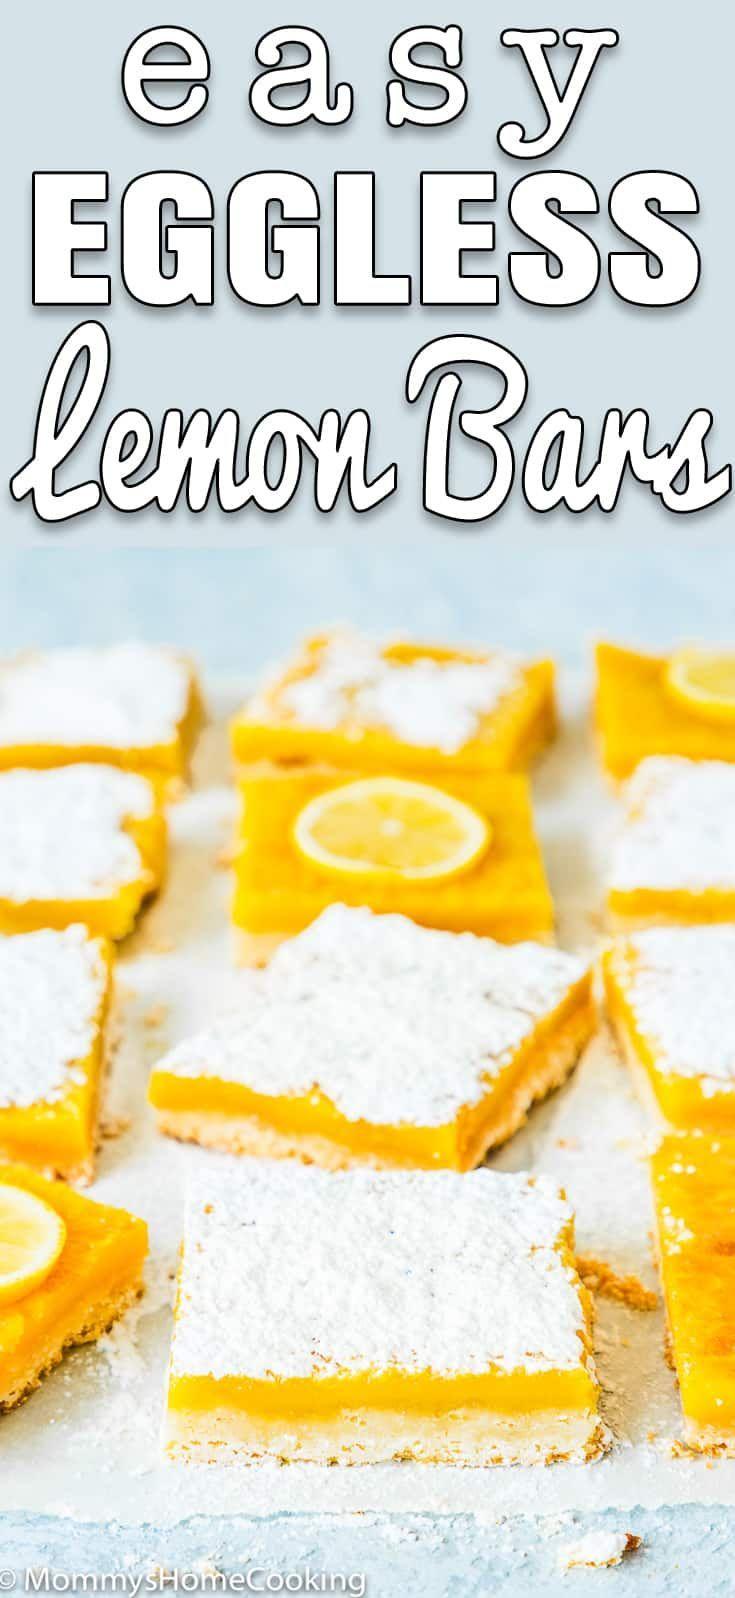 Easy Eggless Lemon Bars Recipe In 2020 Lemon Bars Recipe Eggless Lemon Bars Lemon Dessert Recipes